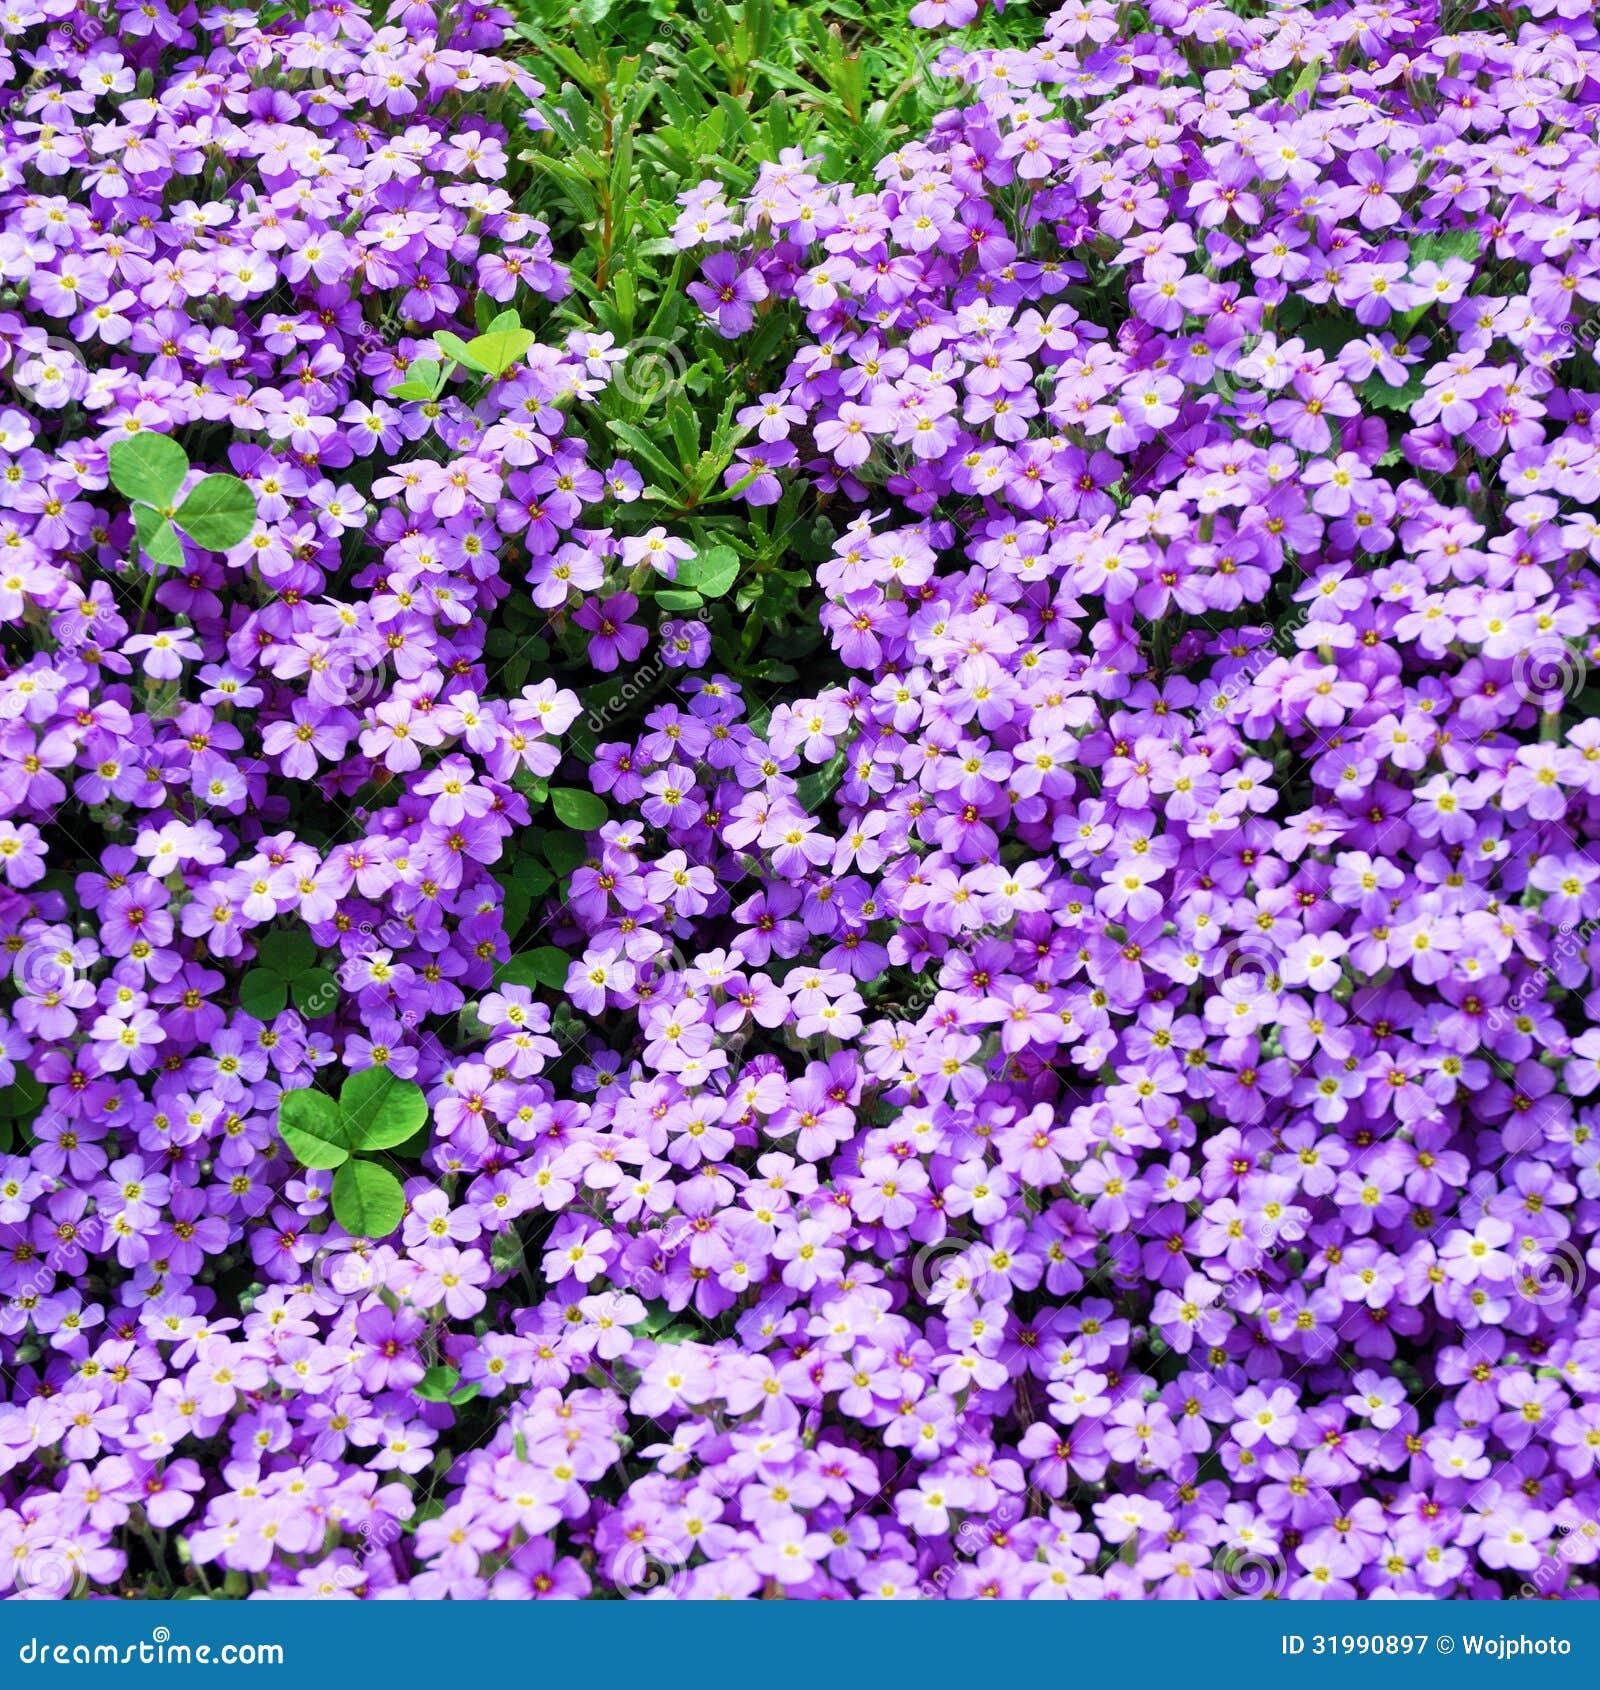 Piccoli fiori viola con i trifogli della tre foglia for Pianta rampicante con fiori viola a grappolo